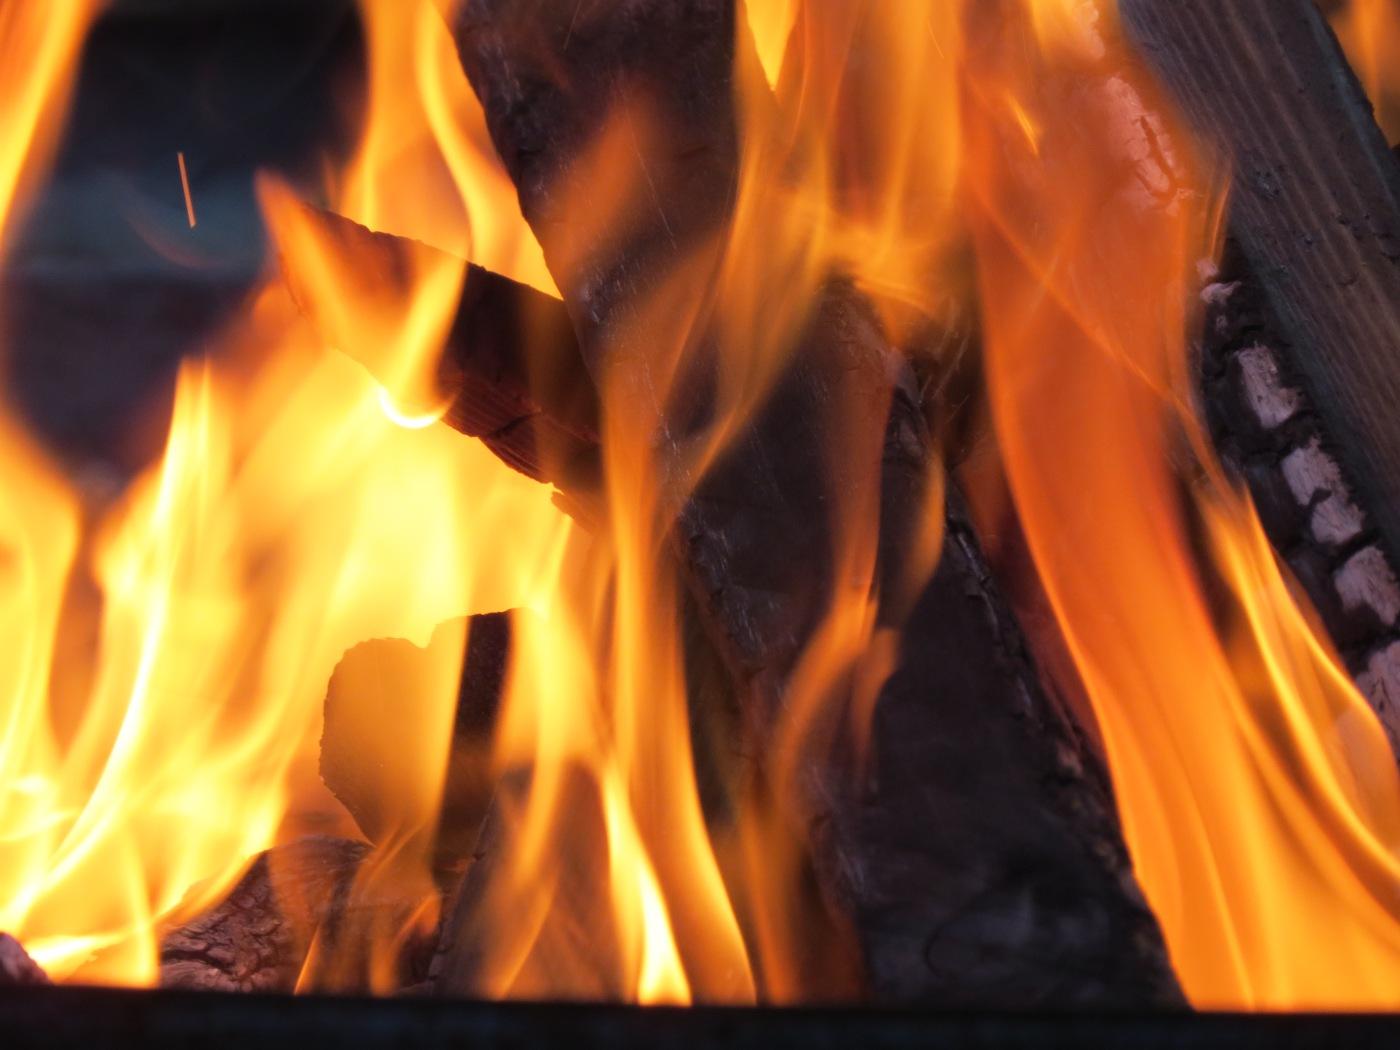 close up of a bonfire flame